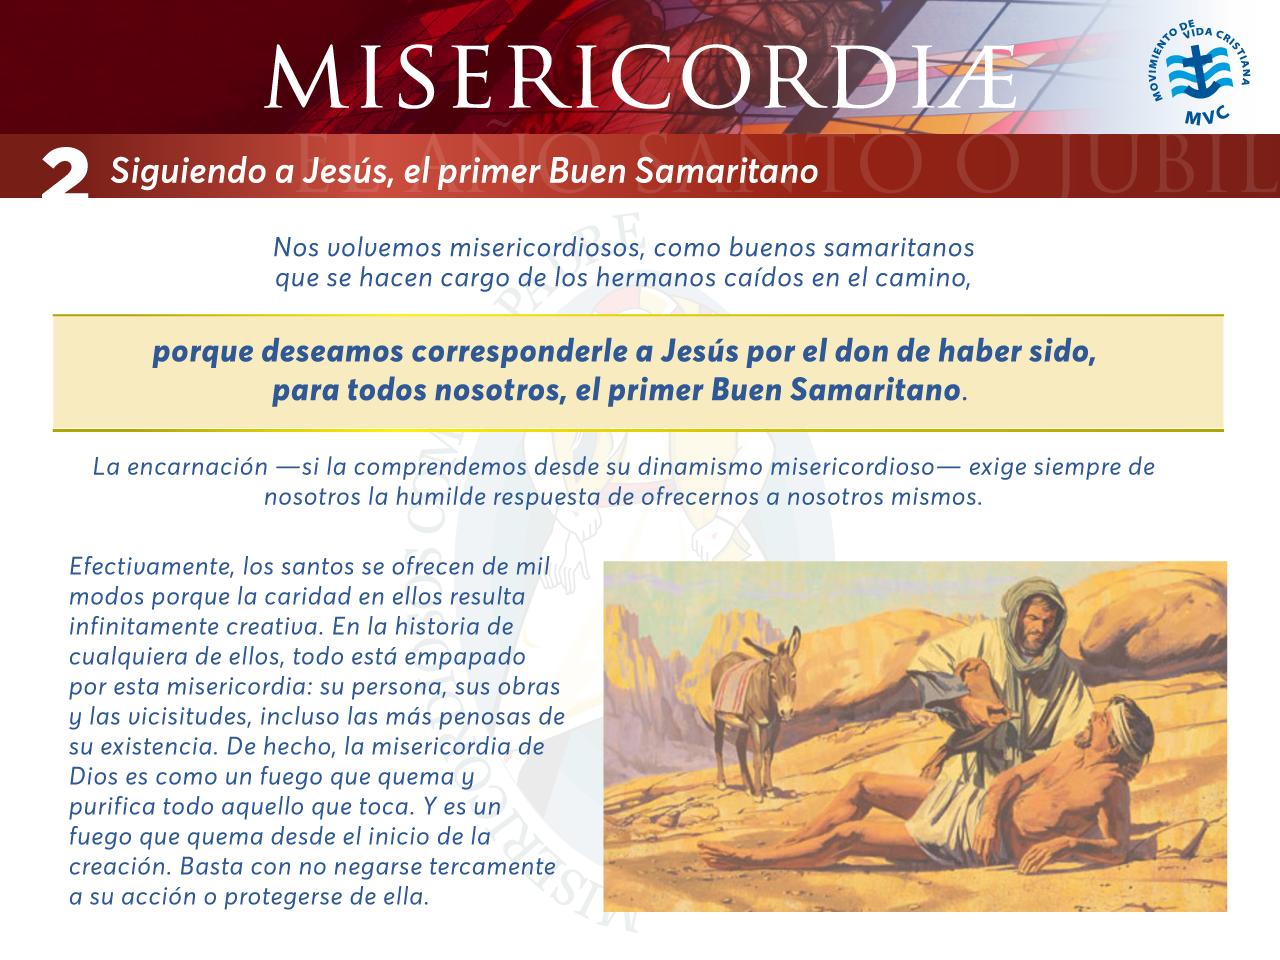 Misericordiae-6-04